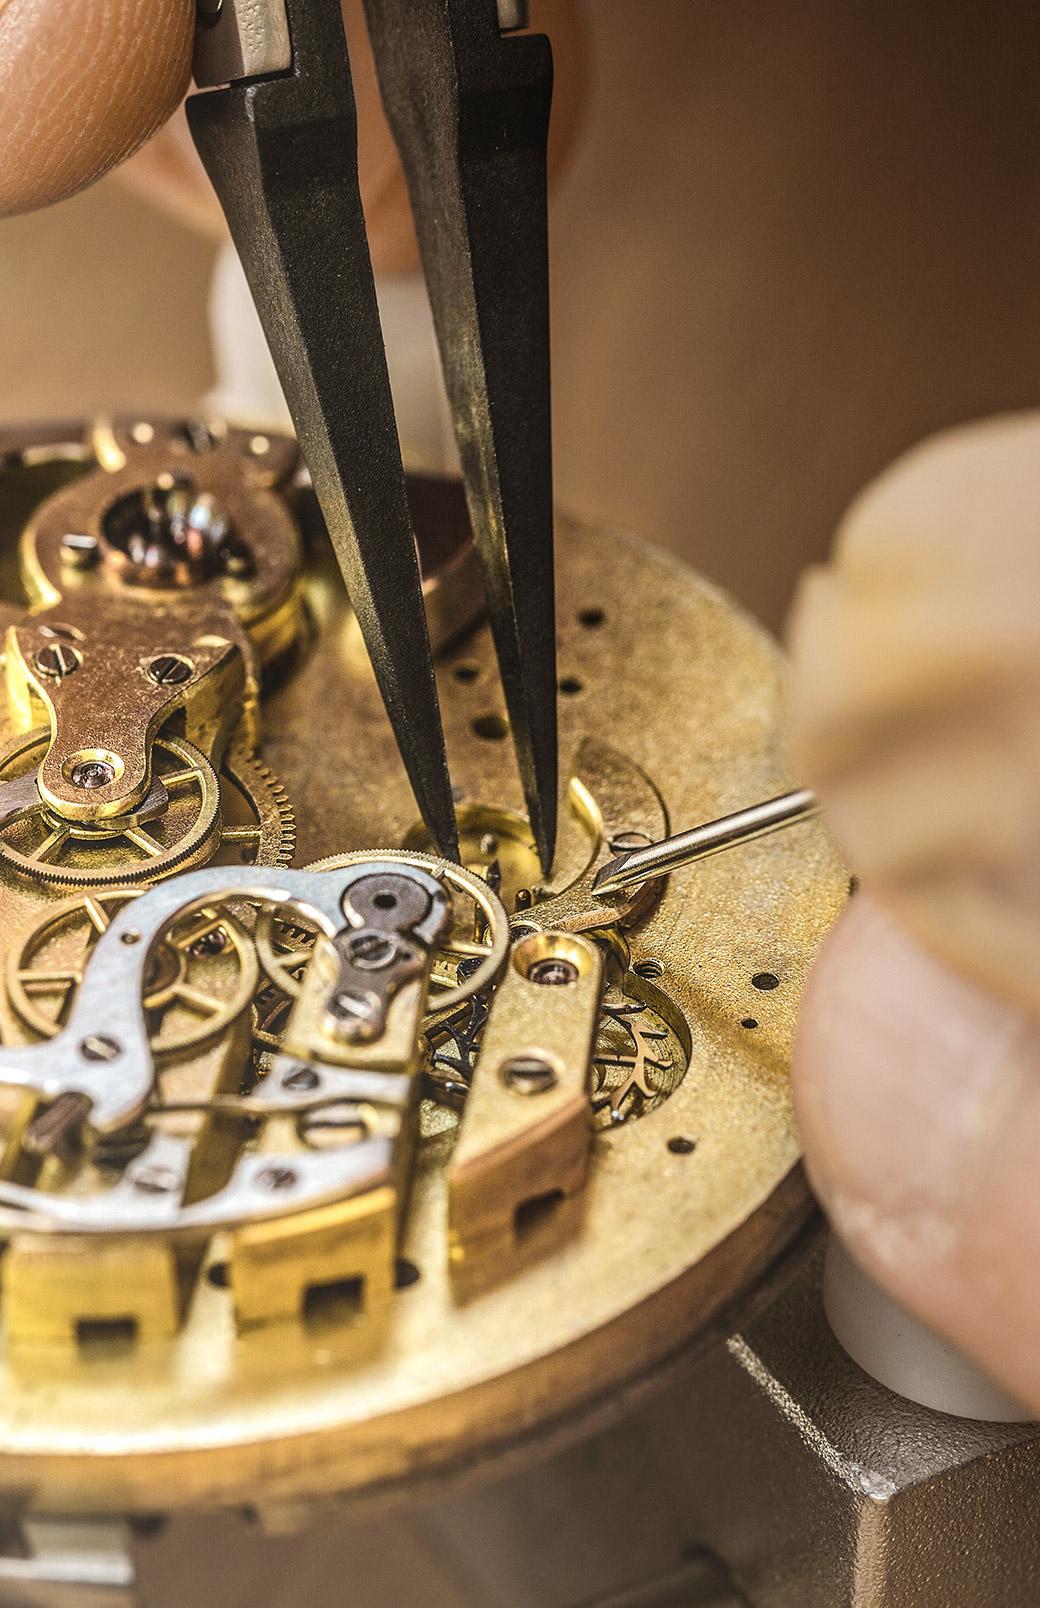 修理不可の時計も息を吹き返す、<br /> 職人の確かな技術。